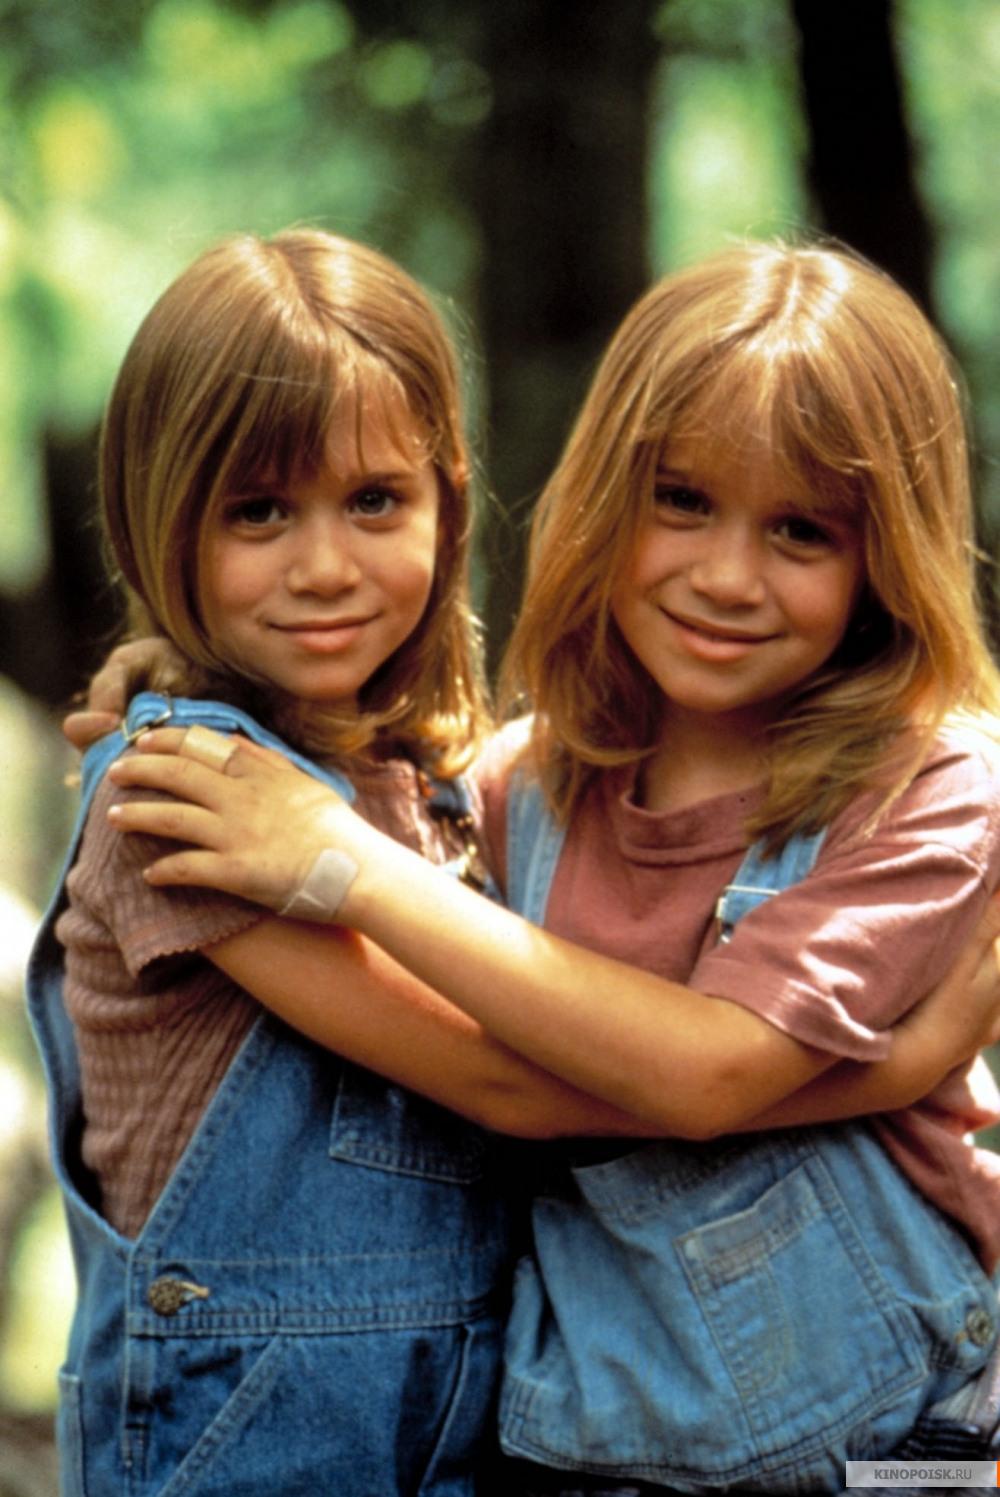 Сестра с сестрой смотреть онлайн 18 фотография